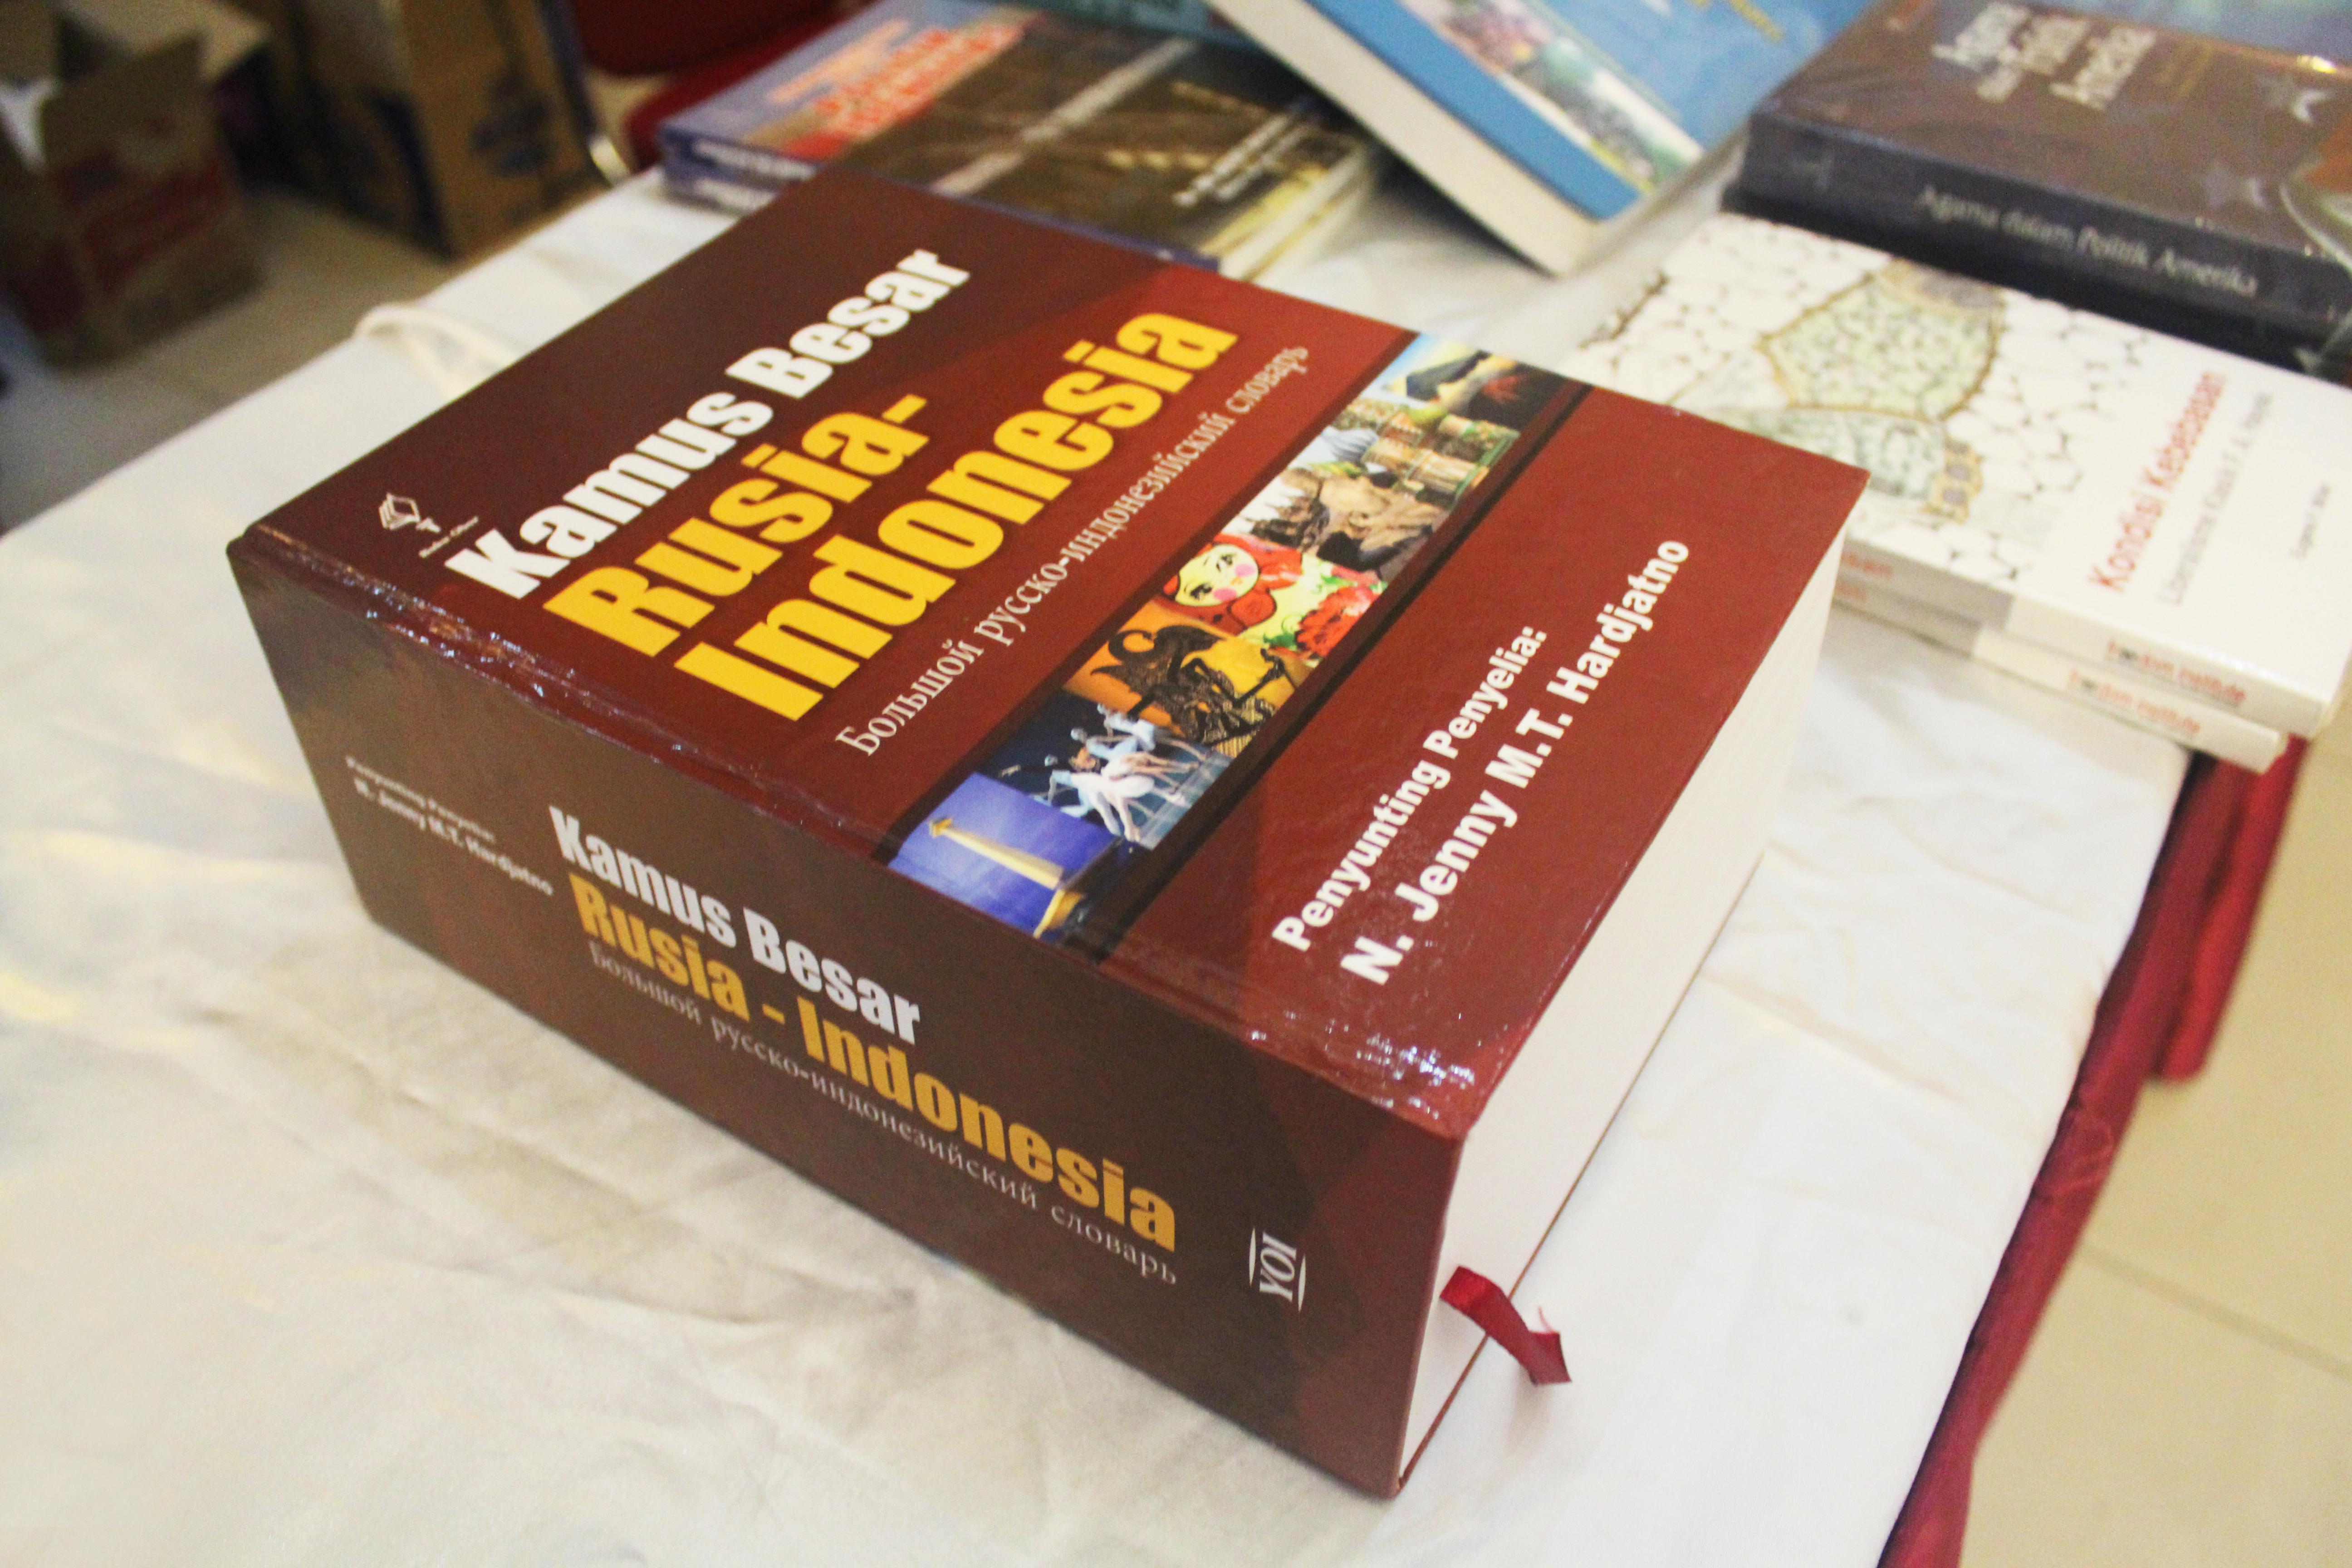 Kamus setebal 1.953 halaman ini diklaim memuat lebih dari 80 ribu entri. Sumber: Fauzan Al-Rasyid/RBTH Indonesia